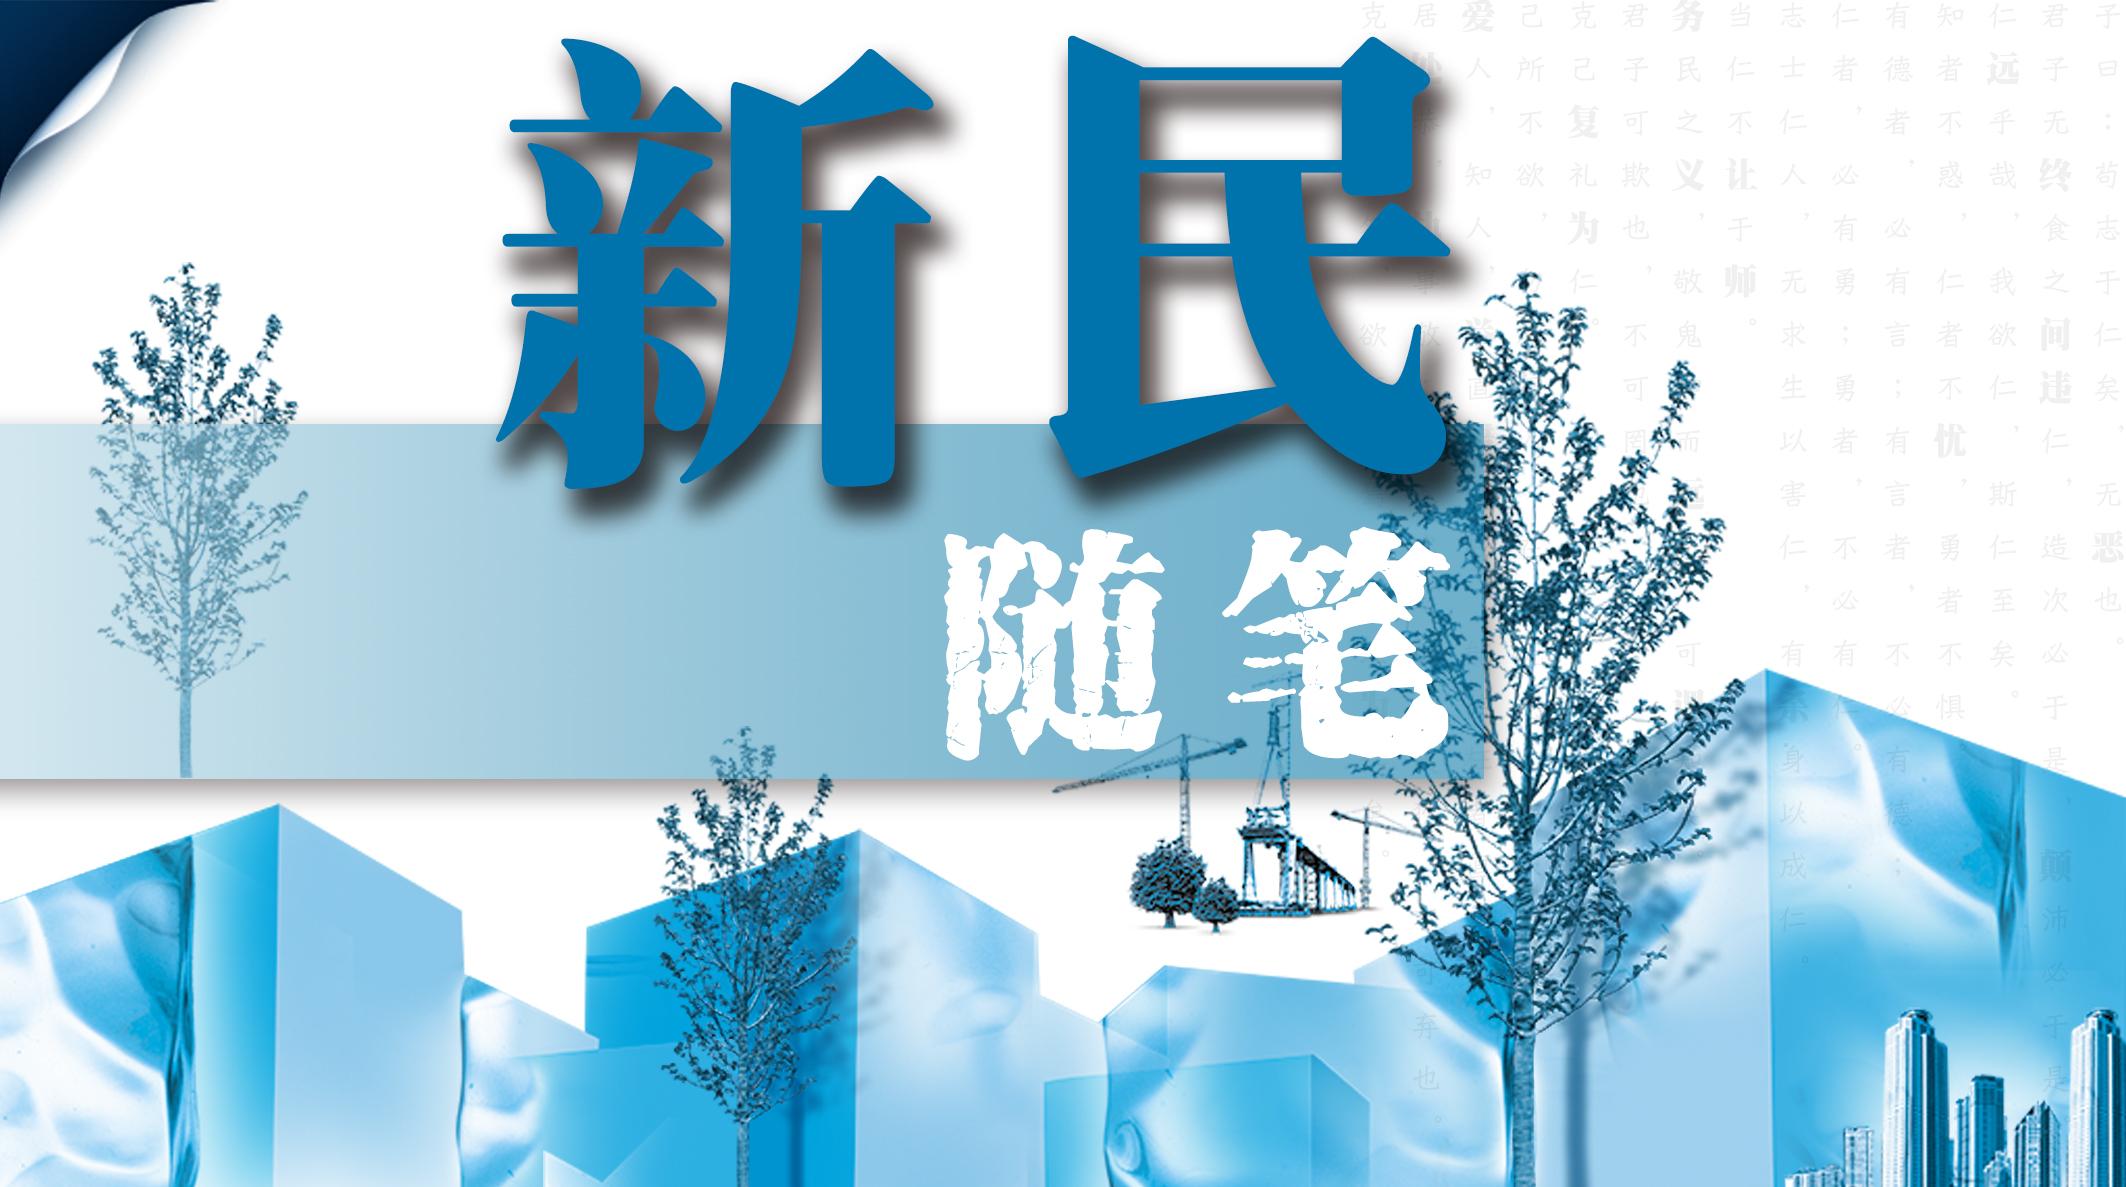 新民随笔丨微信地球图更替是对中国科技进步的自信表达